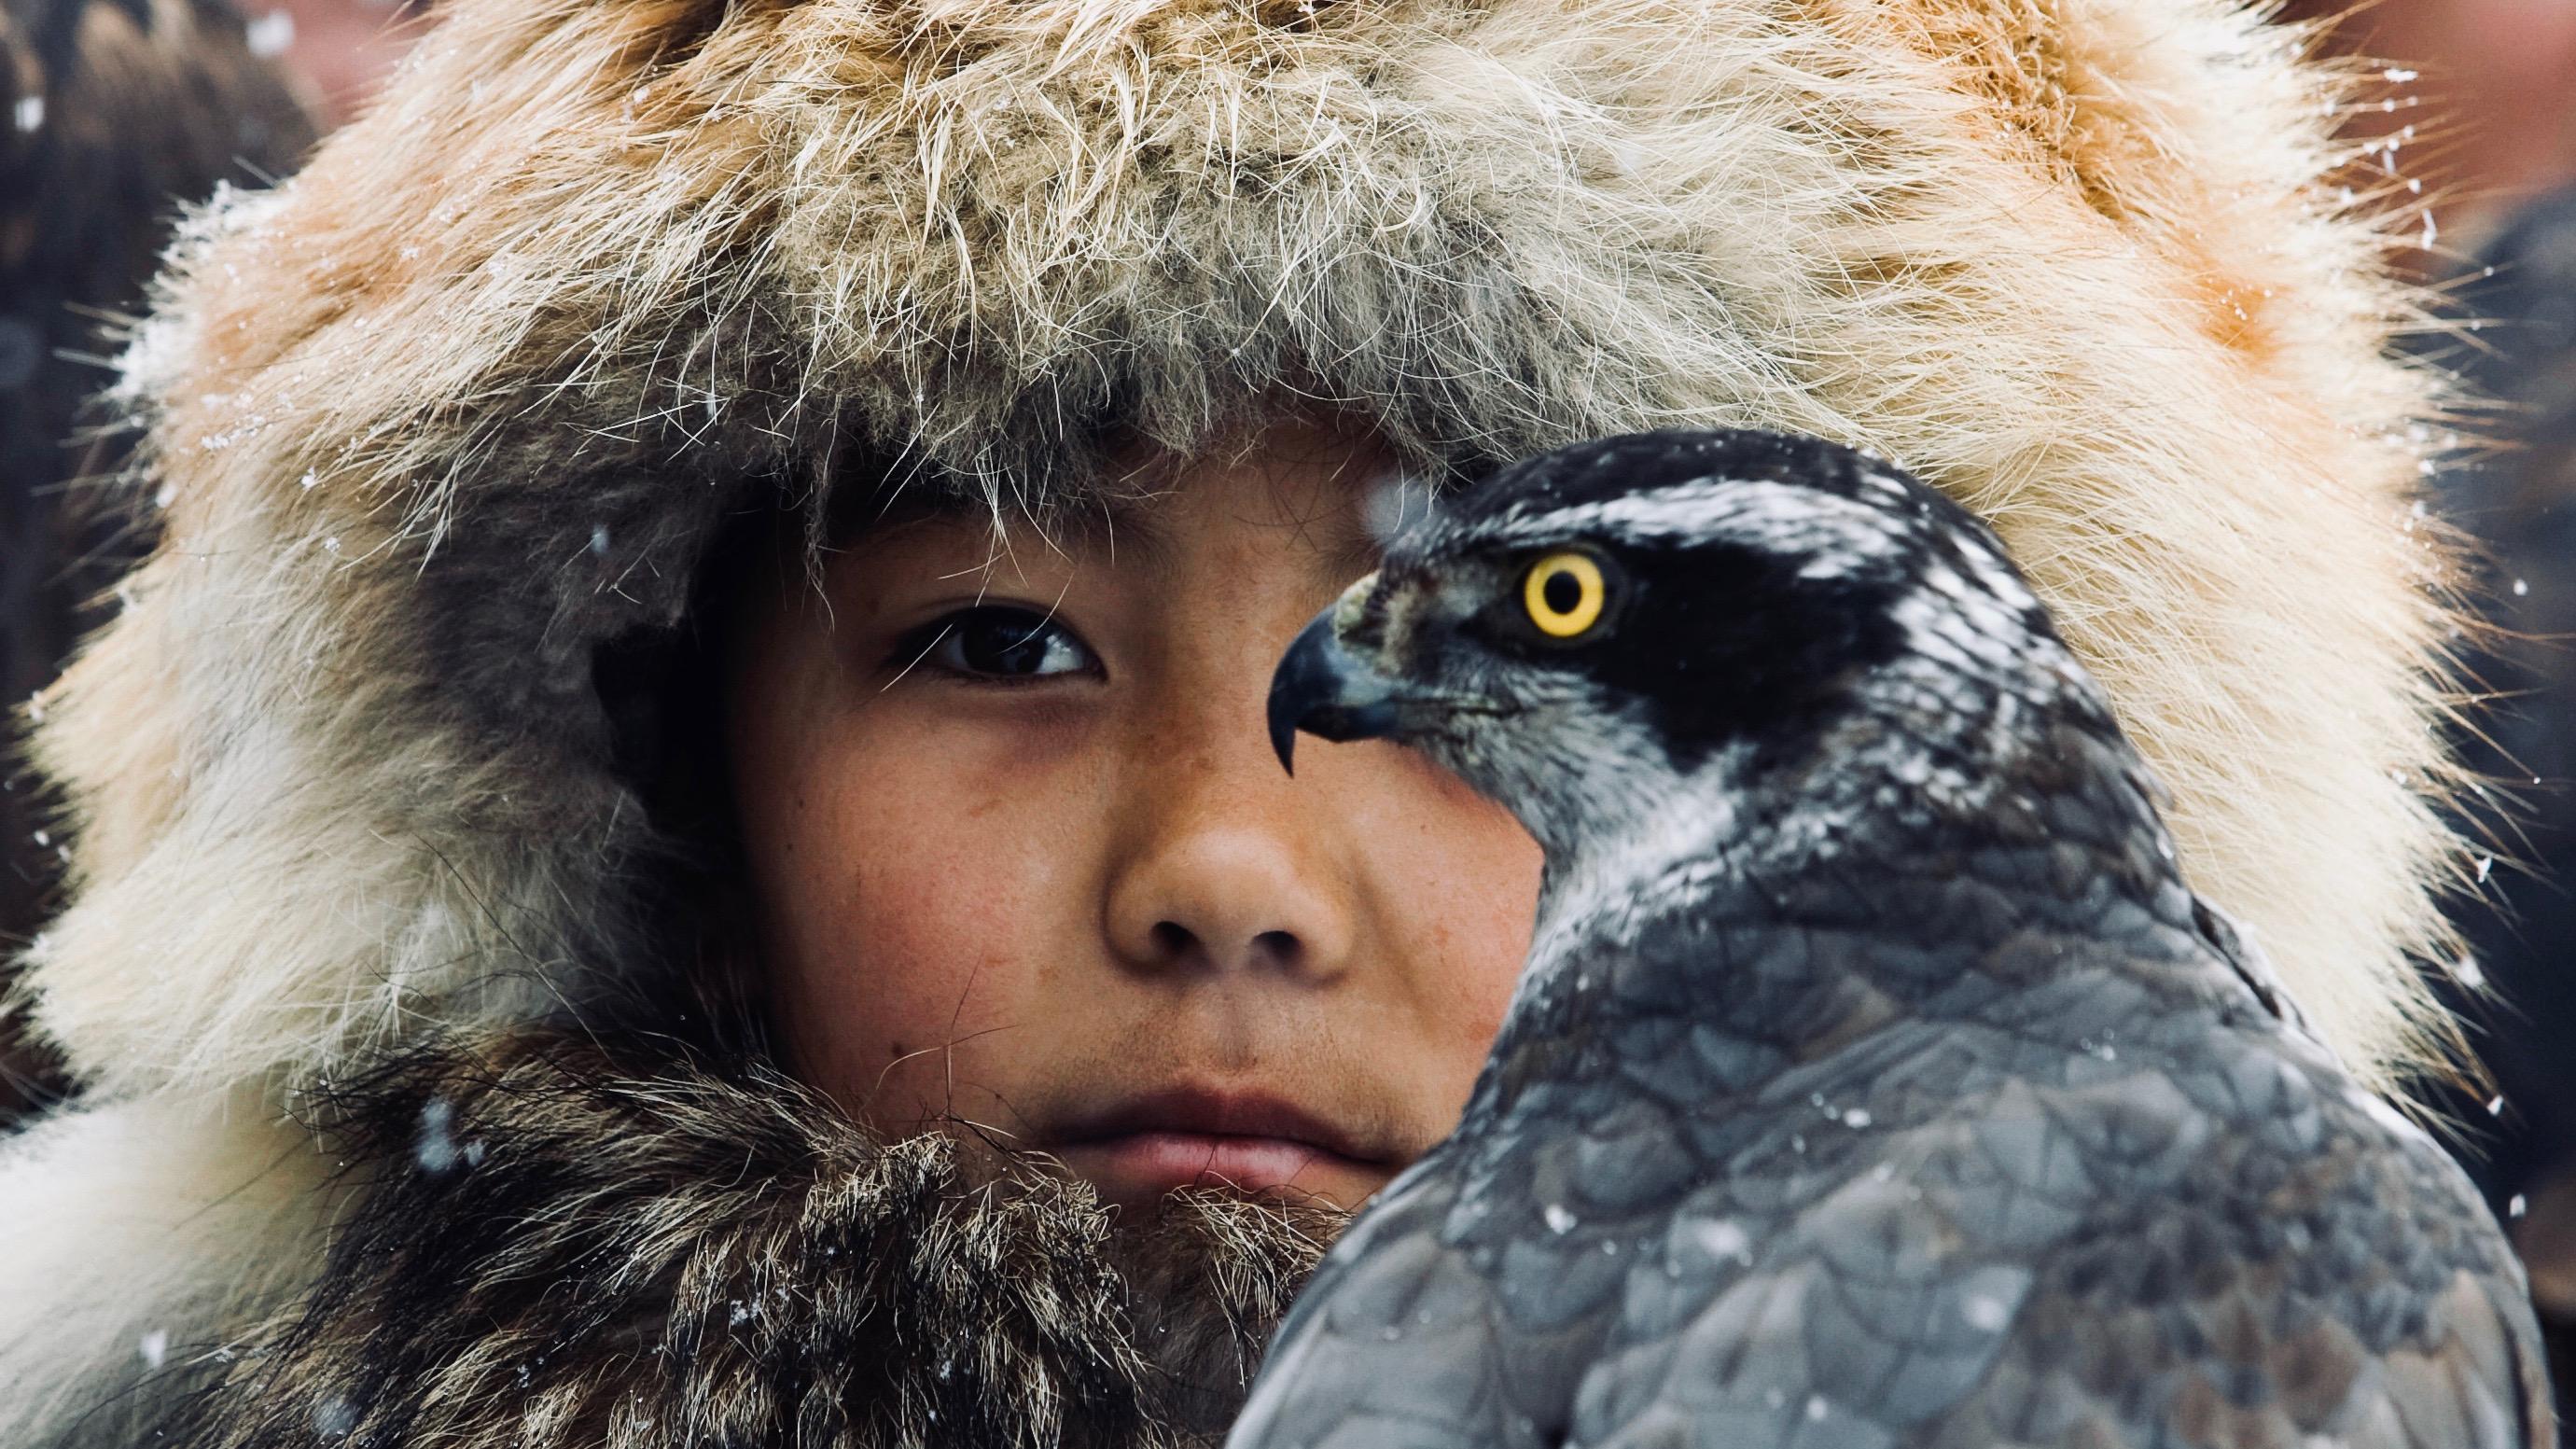 Child and hawk.